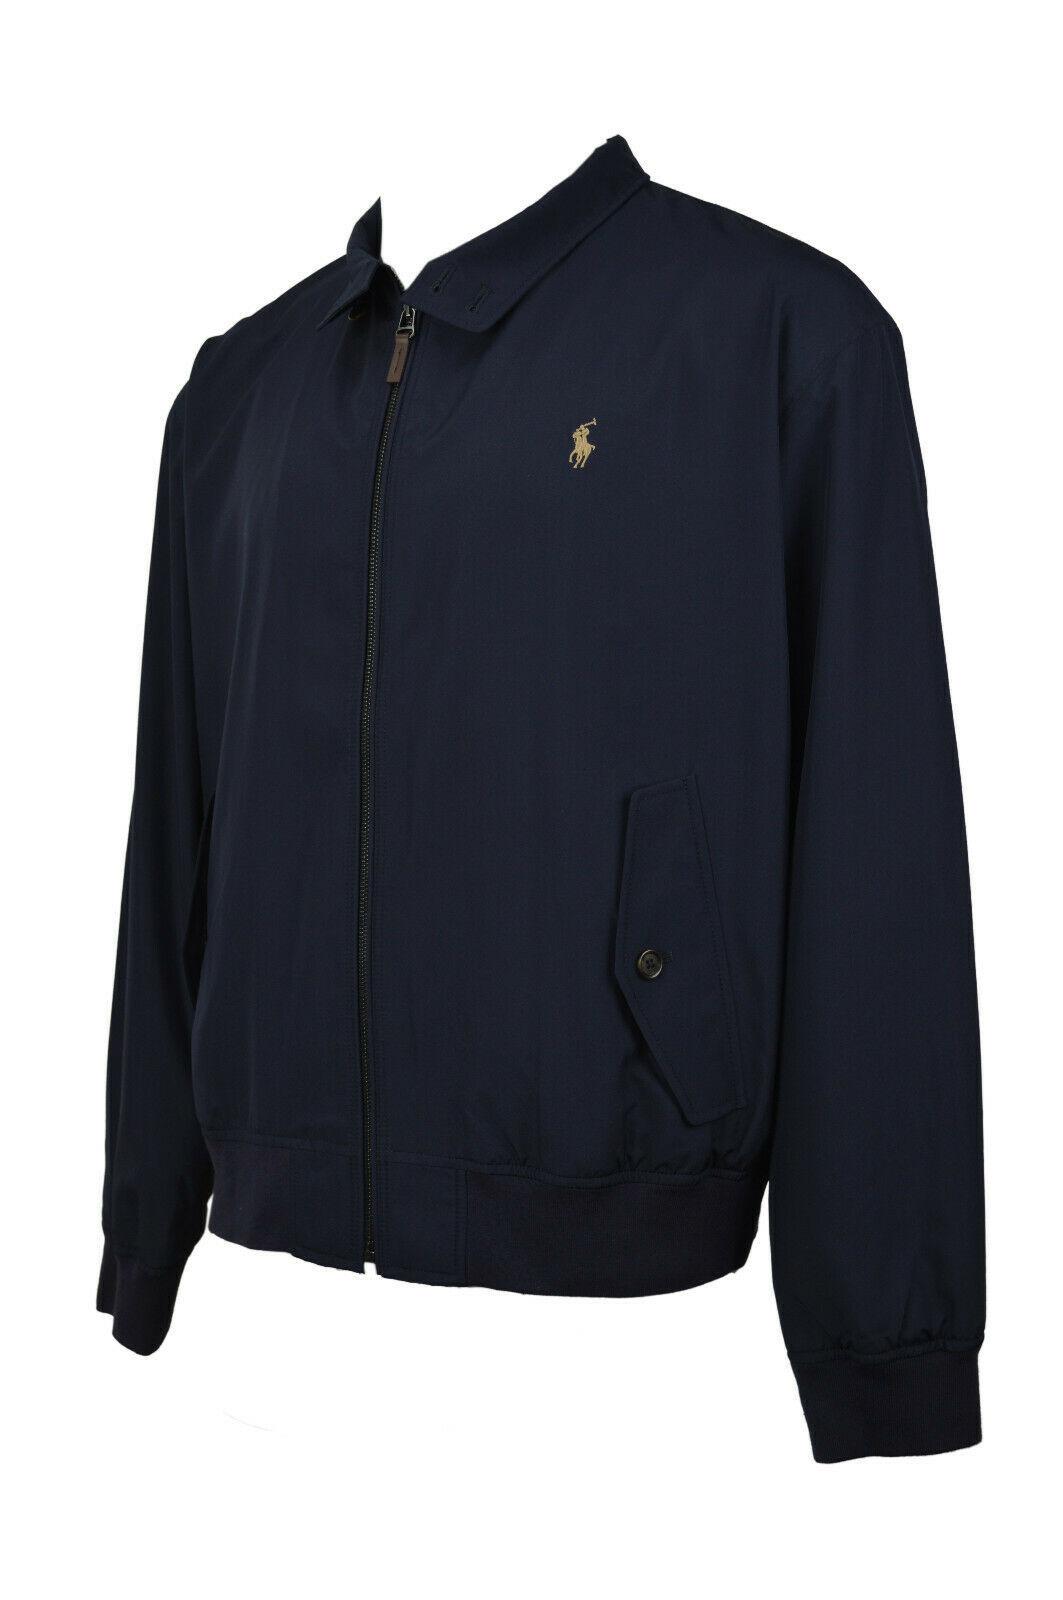 Polo Ralph Lauren Mens Blue Bi-Swing Windbreaker Jacket Coat Sz 2XL XXL 7394-3